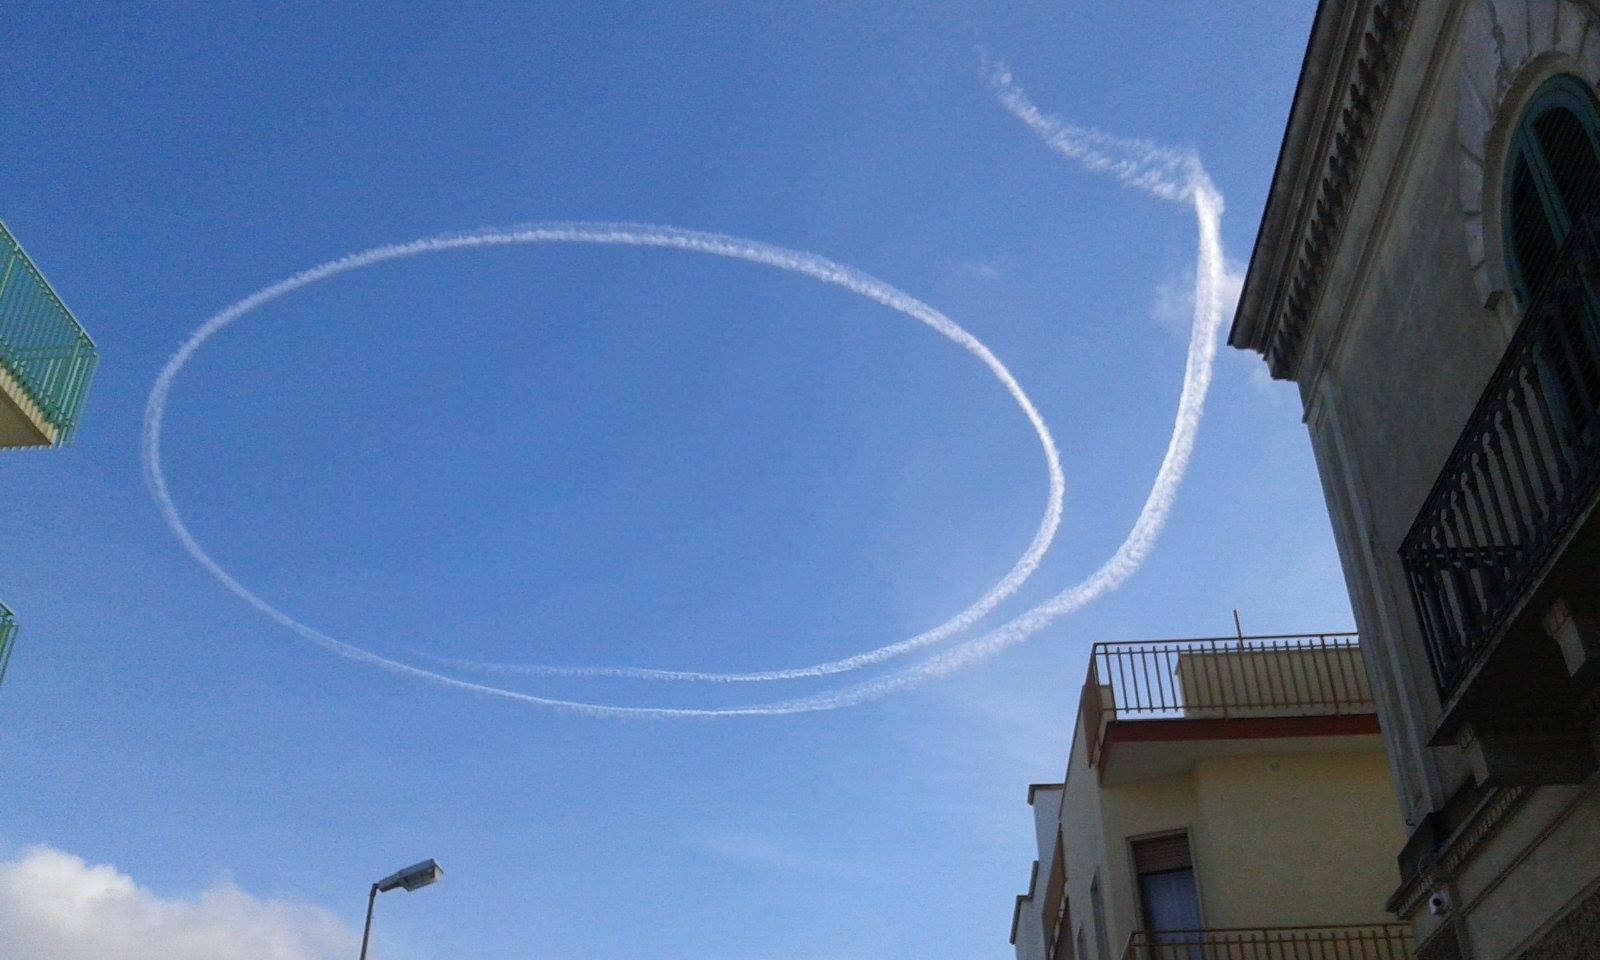 Strane scie circolari sul cielo di bernalda una manovra - Una finestra sul cielo ...